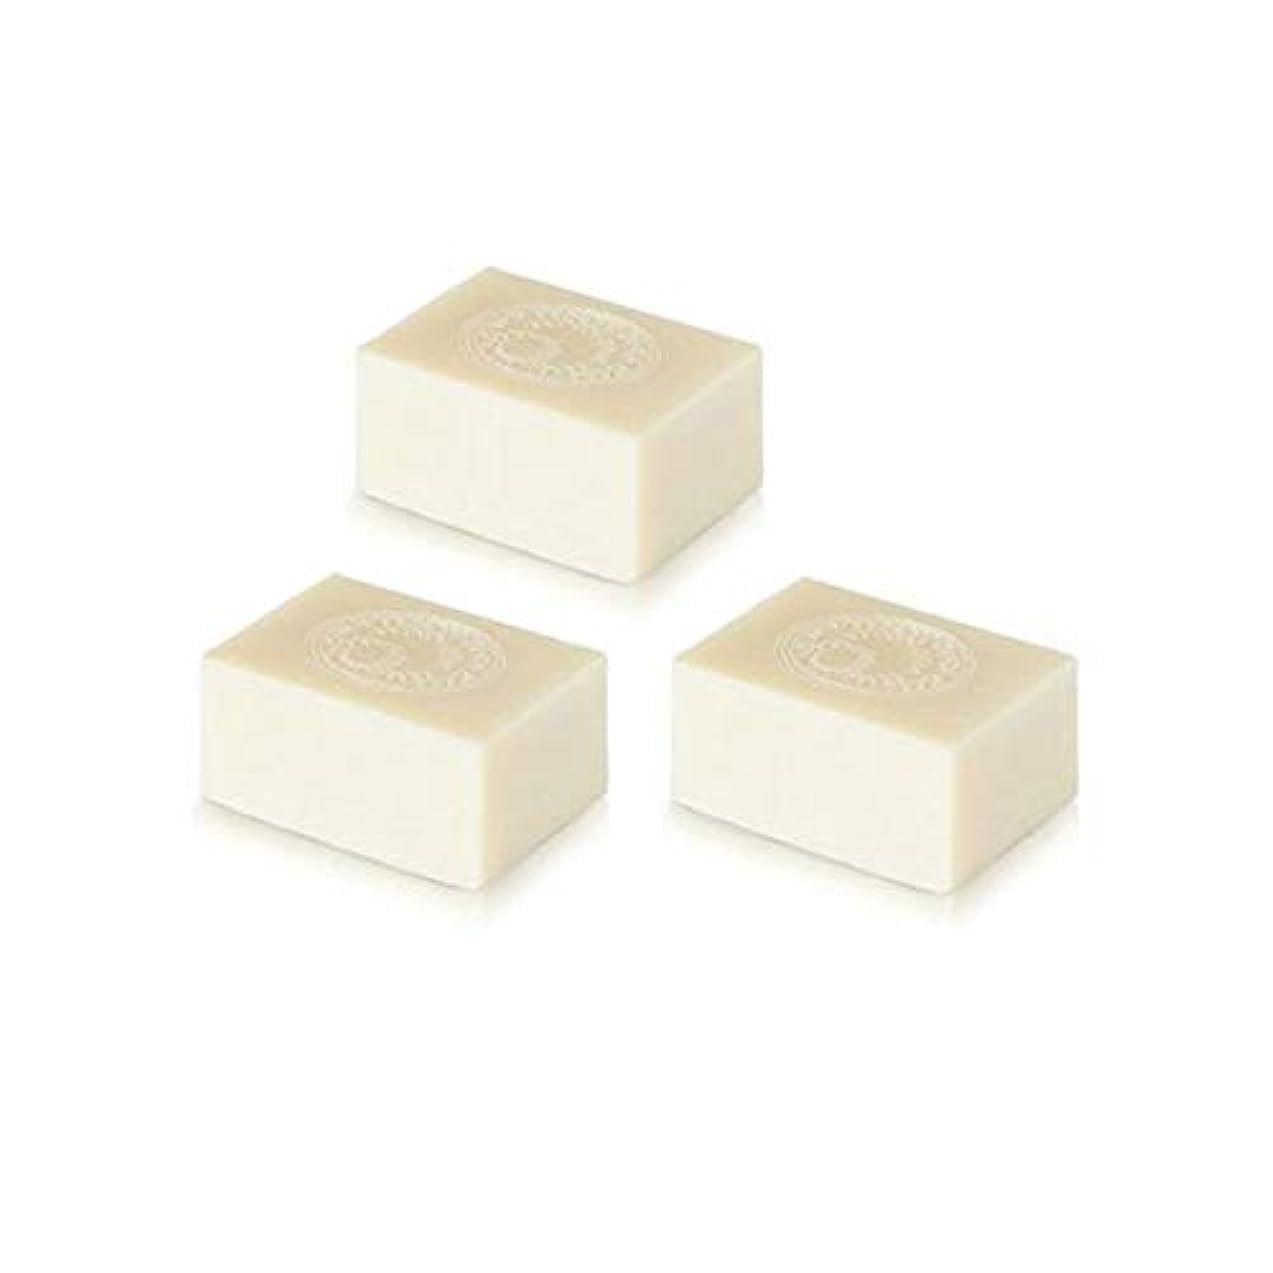 動詞週末引き付けるアルガン石鹸3個セット( 145g ×3個) アルガンオイルの完全無添加石鹸